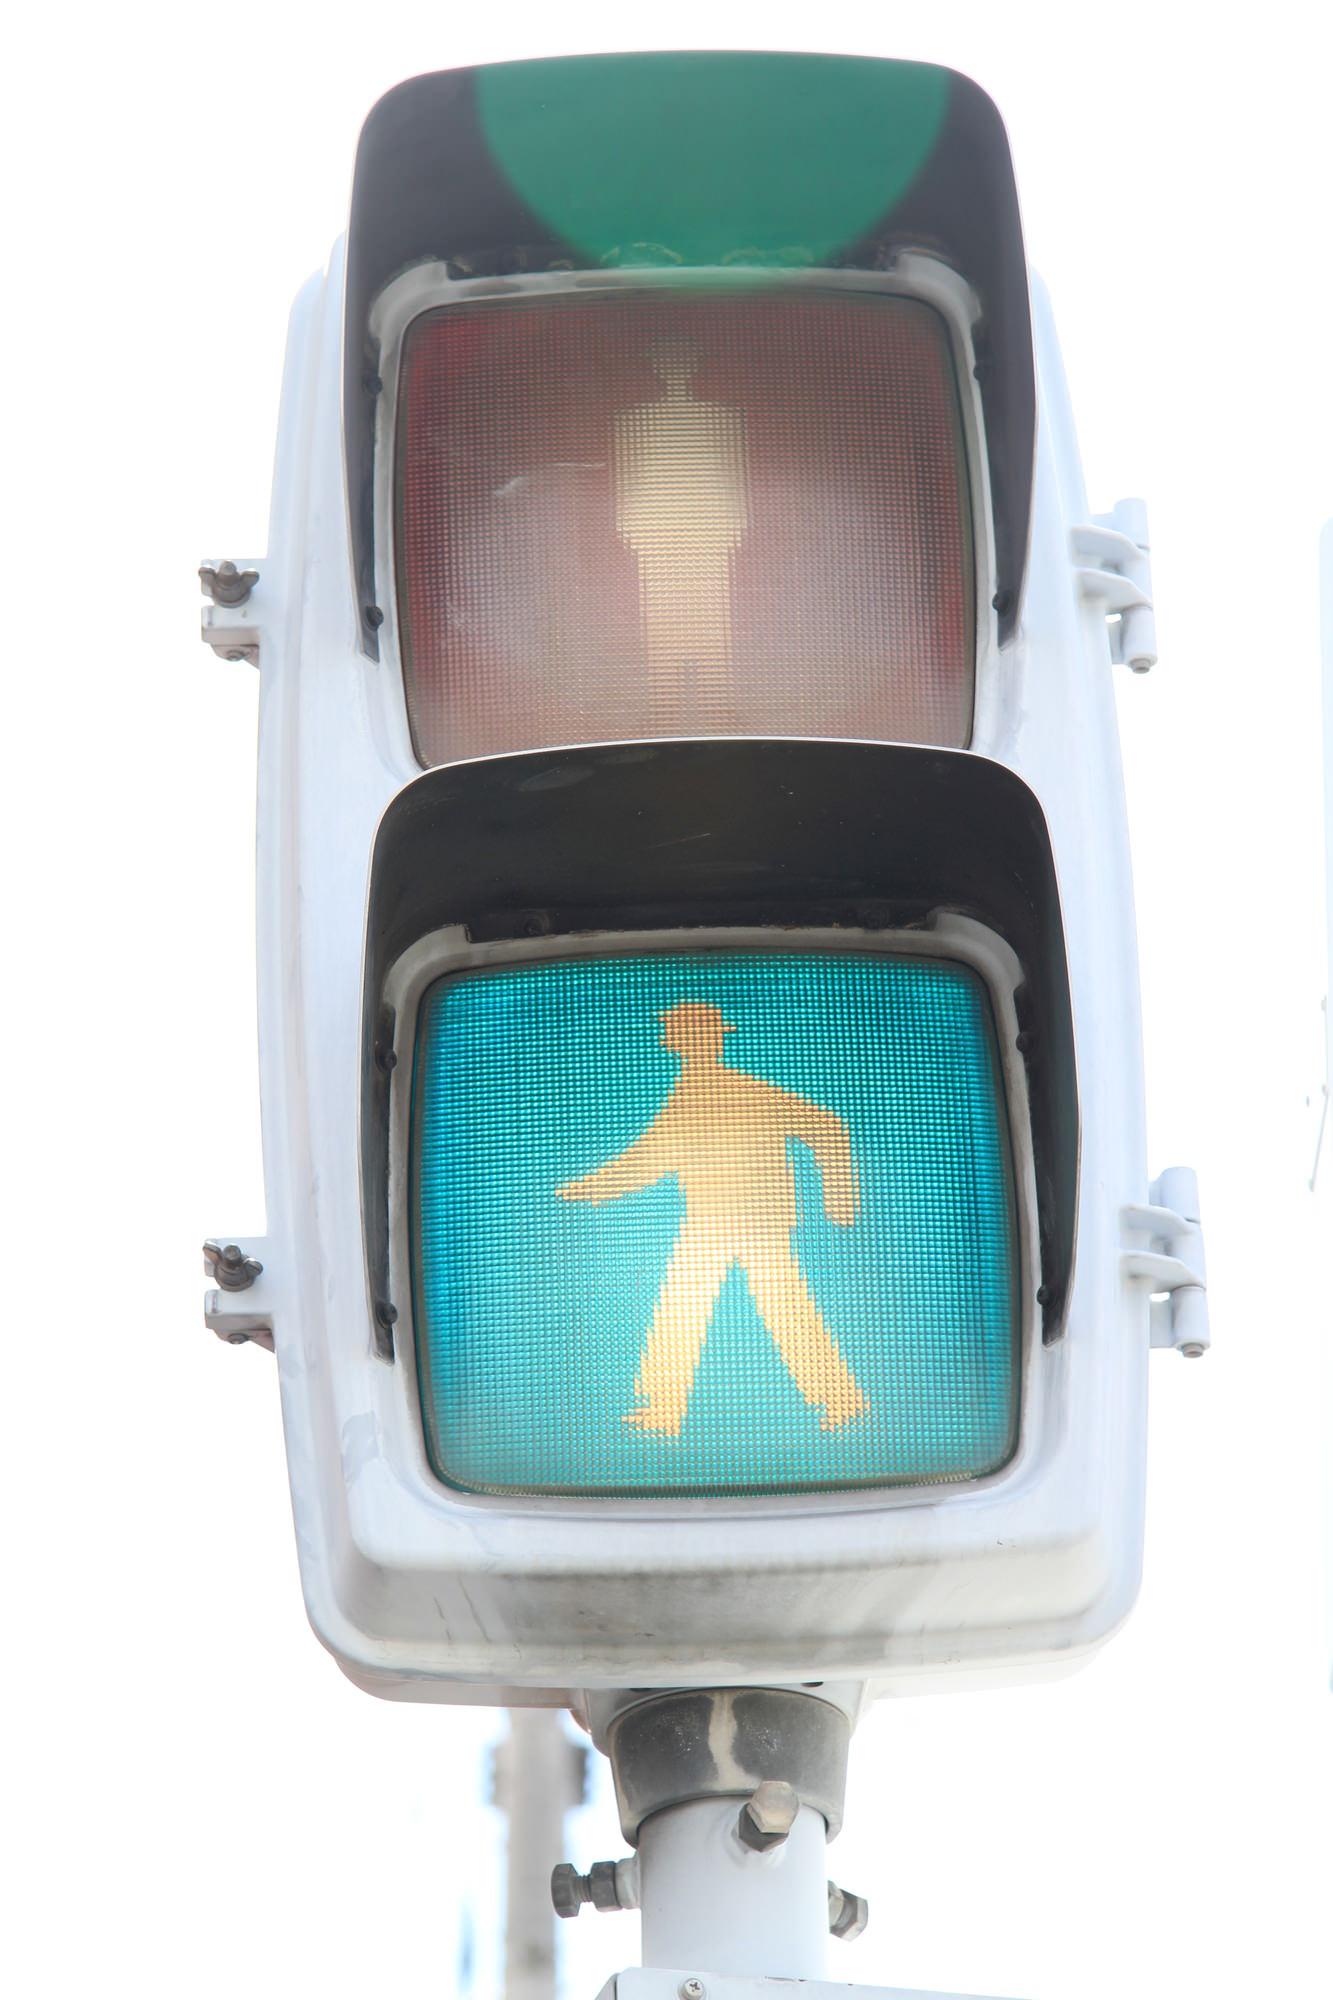 歩行者用の信号機は視覚障害者が方角の目印に使うために東西方向がカッコウ、南北がヒヨコの鳴き声になっている